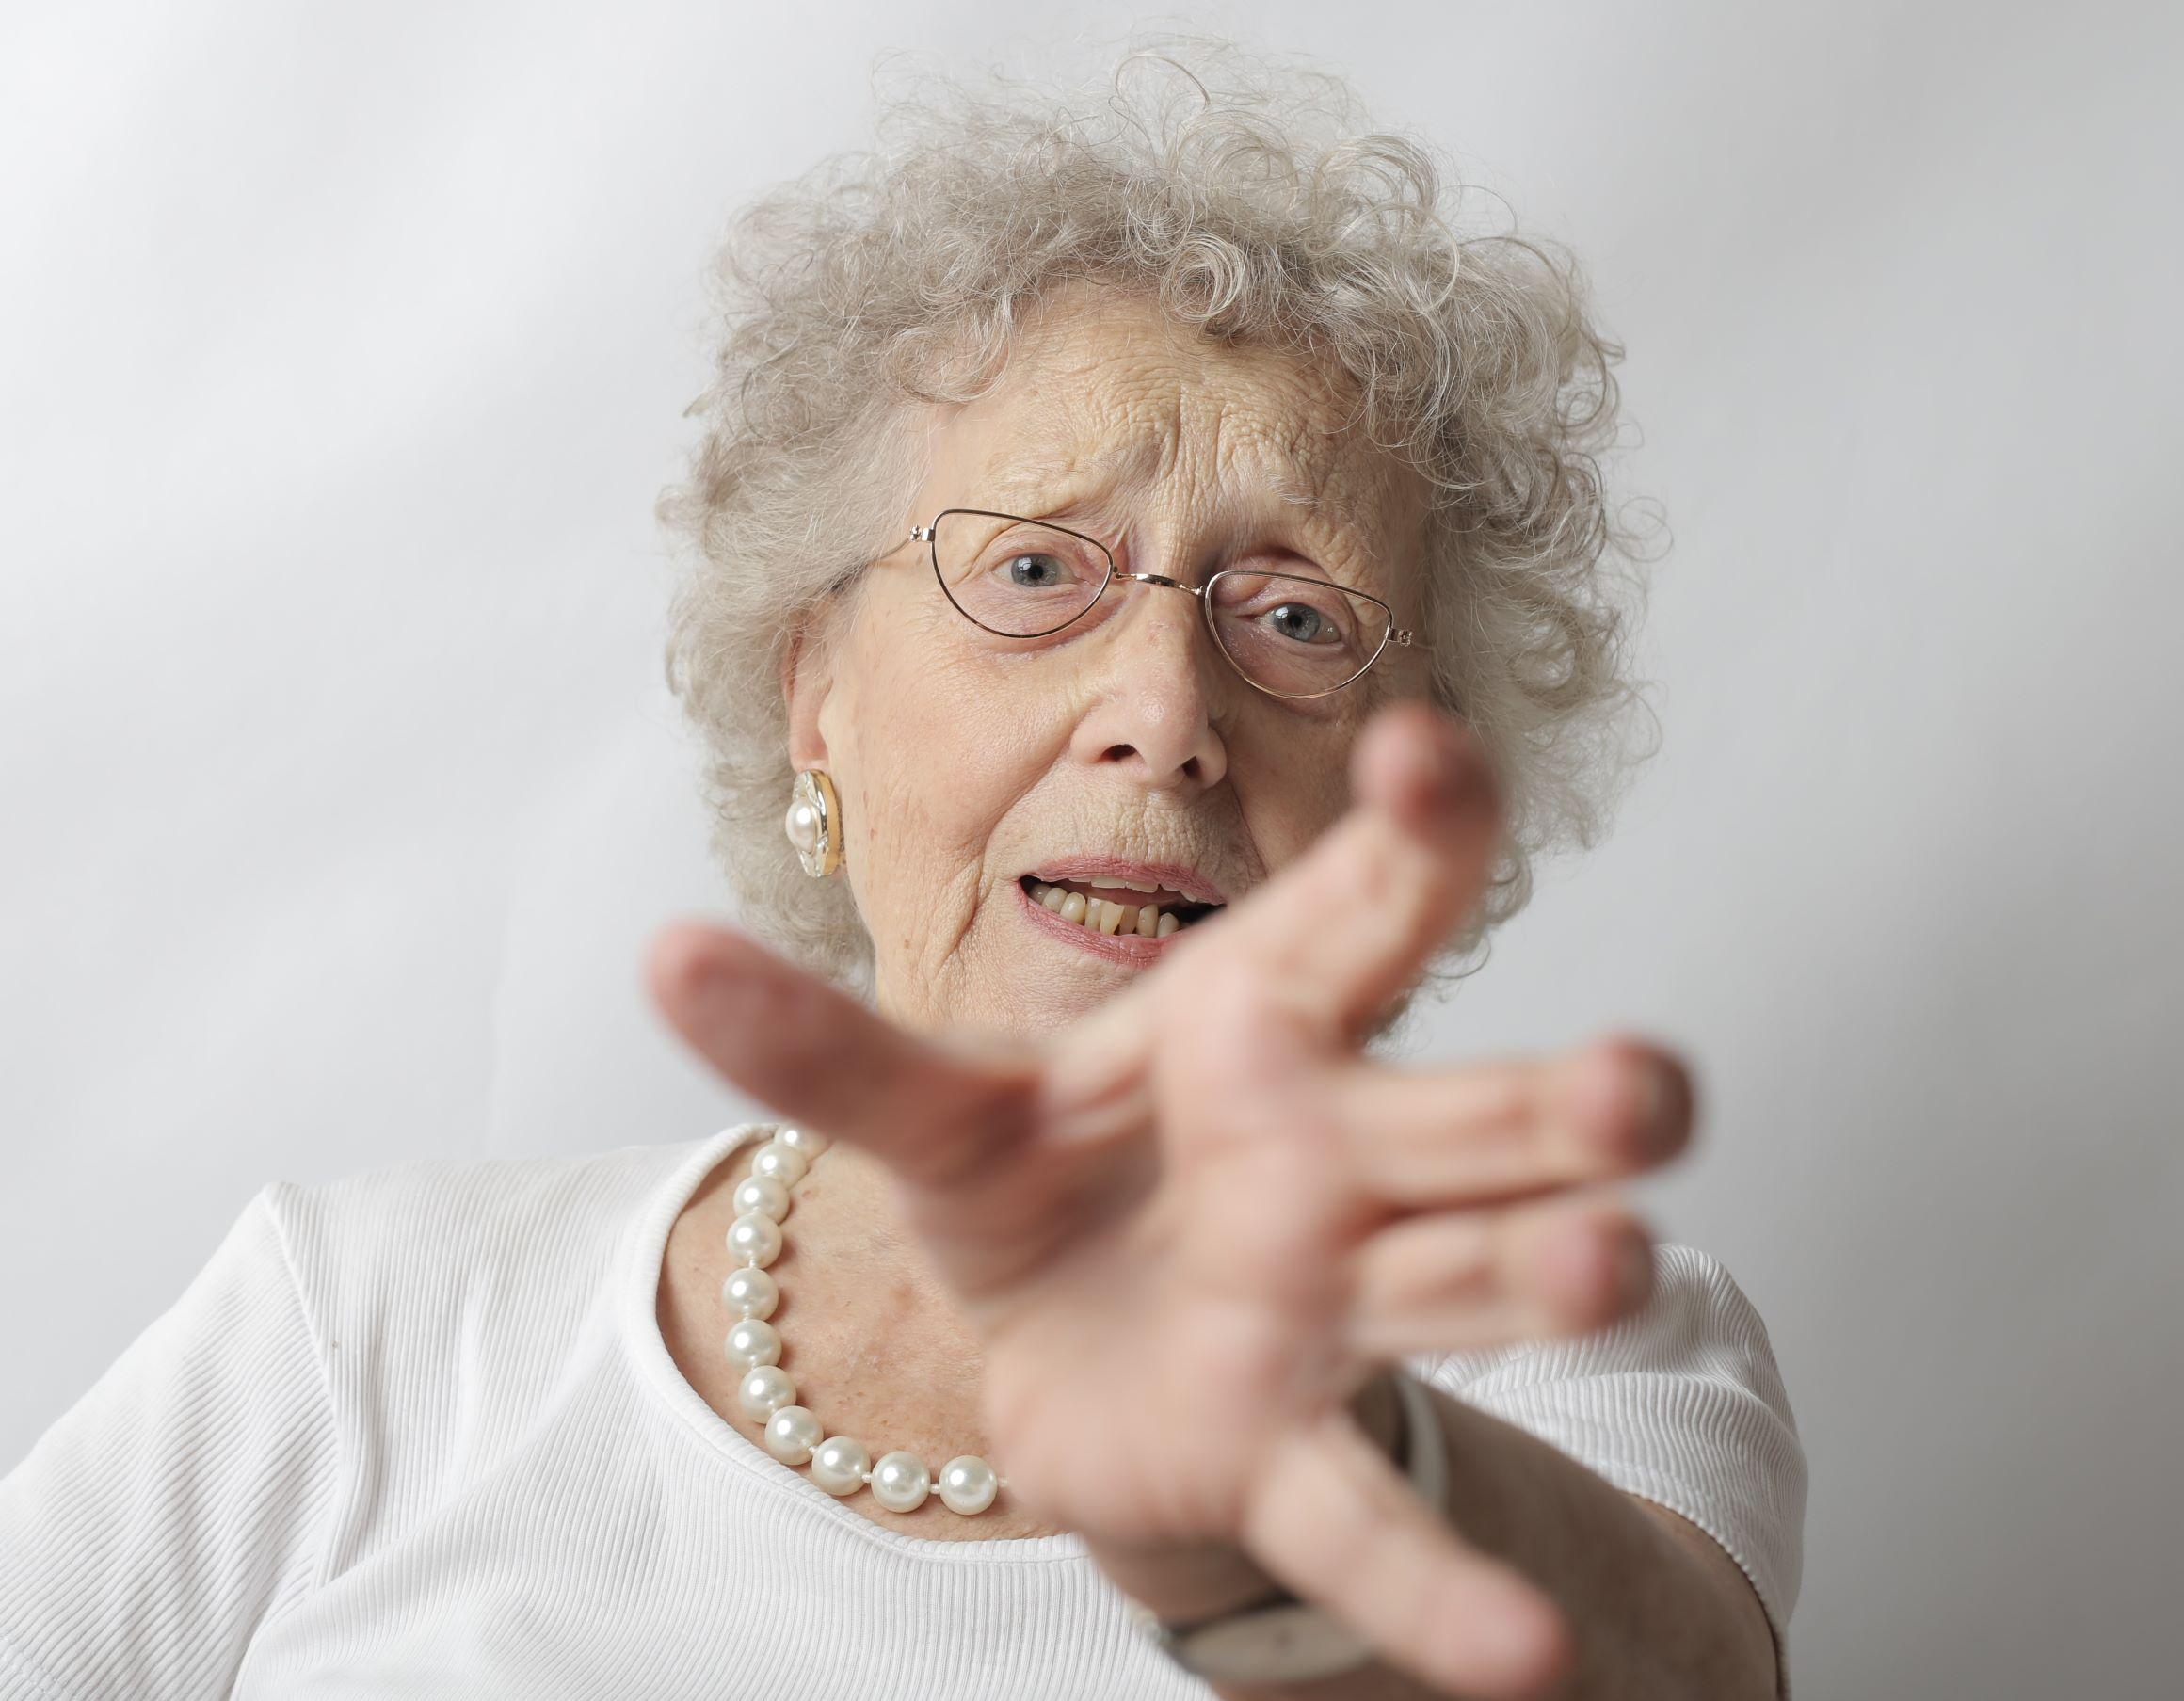 Mulheres idosas estão entre as principais vítimas de violência